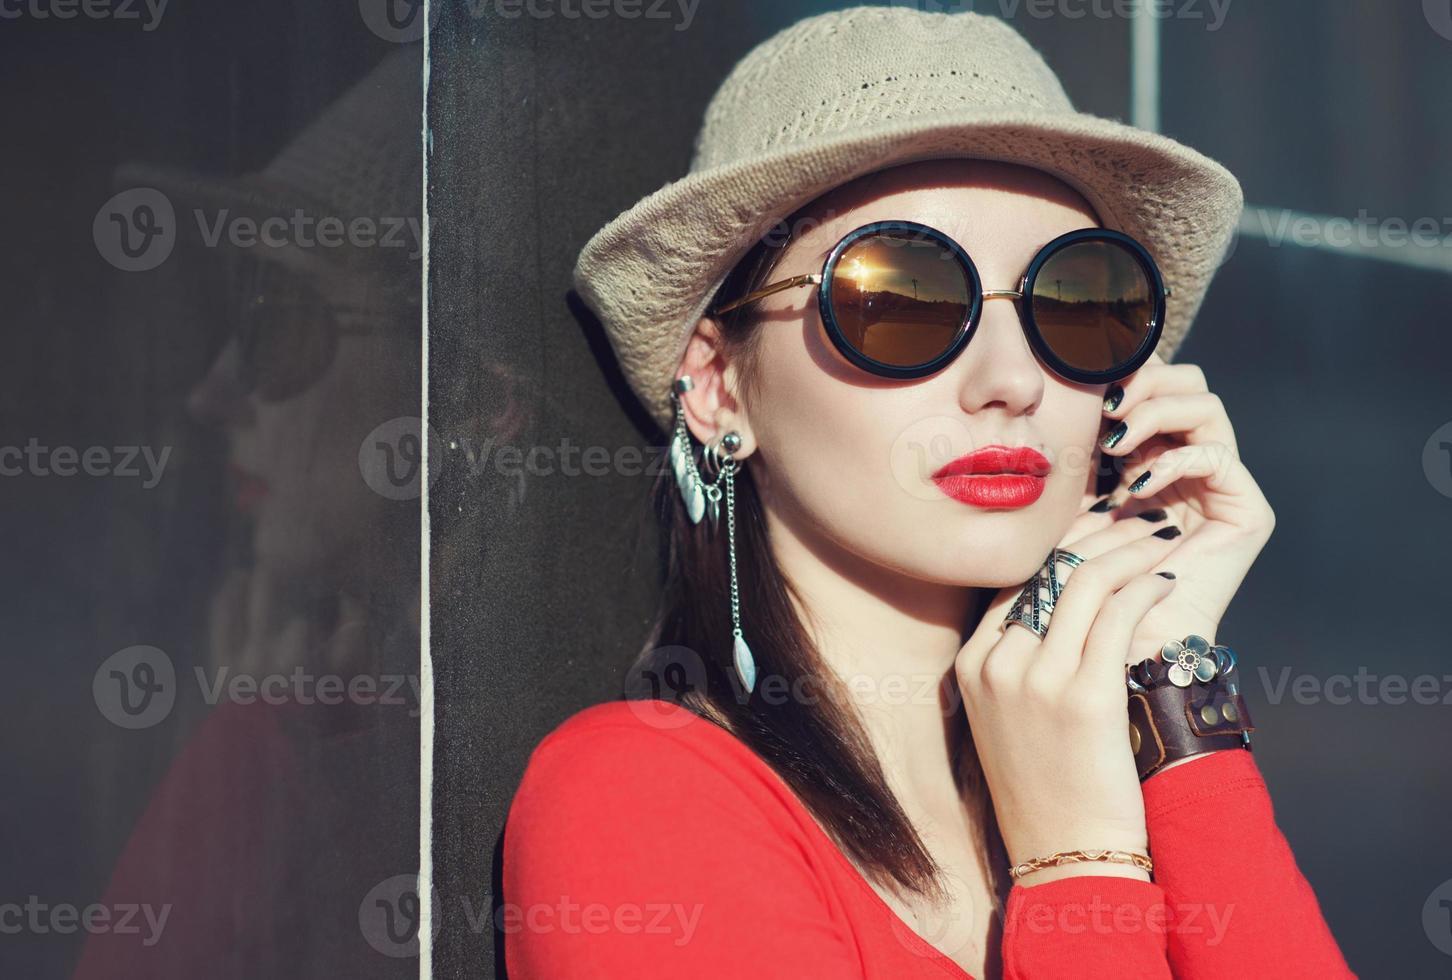 ung vacker flicka i hatt och solglasögon foto